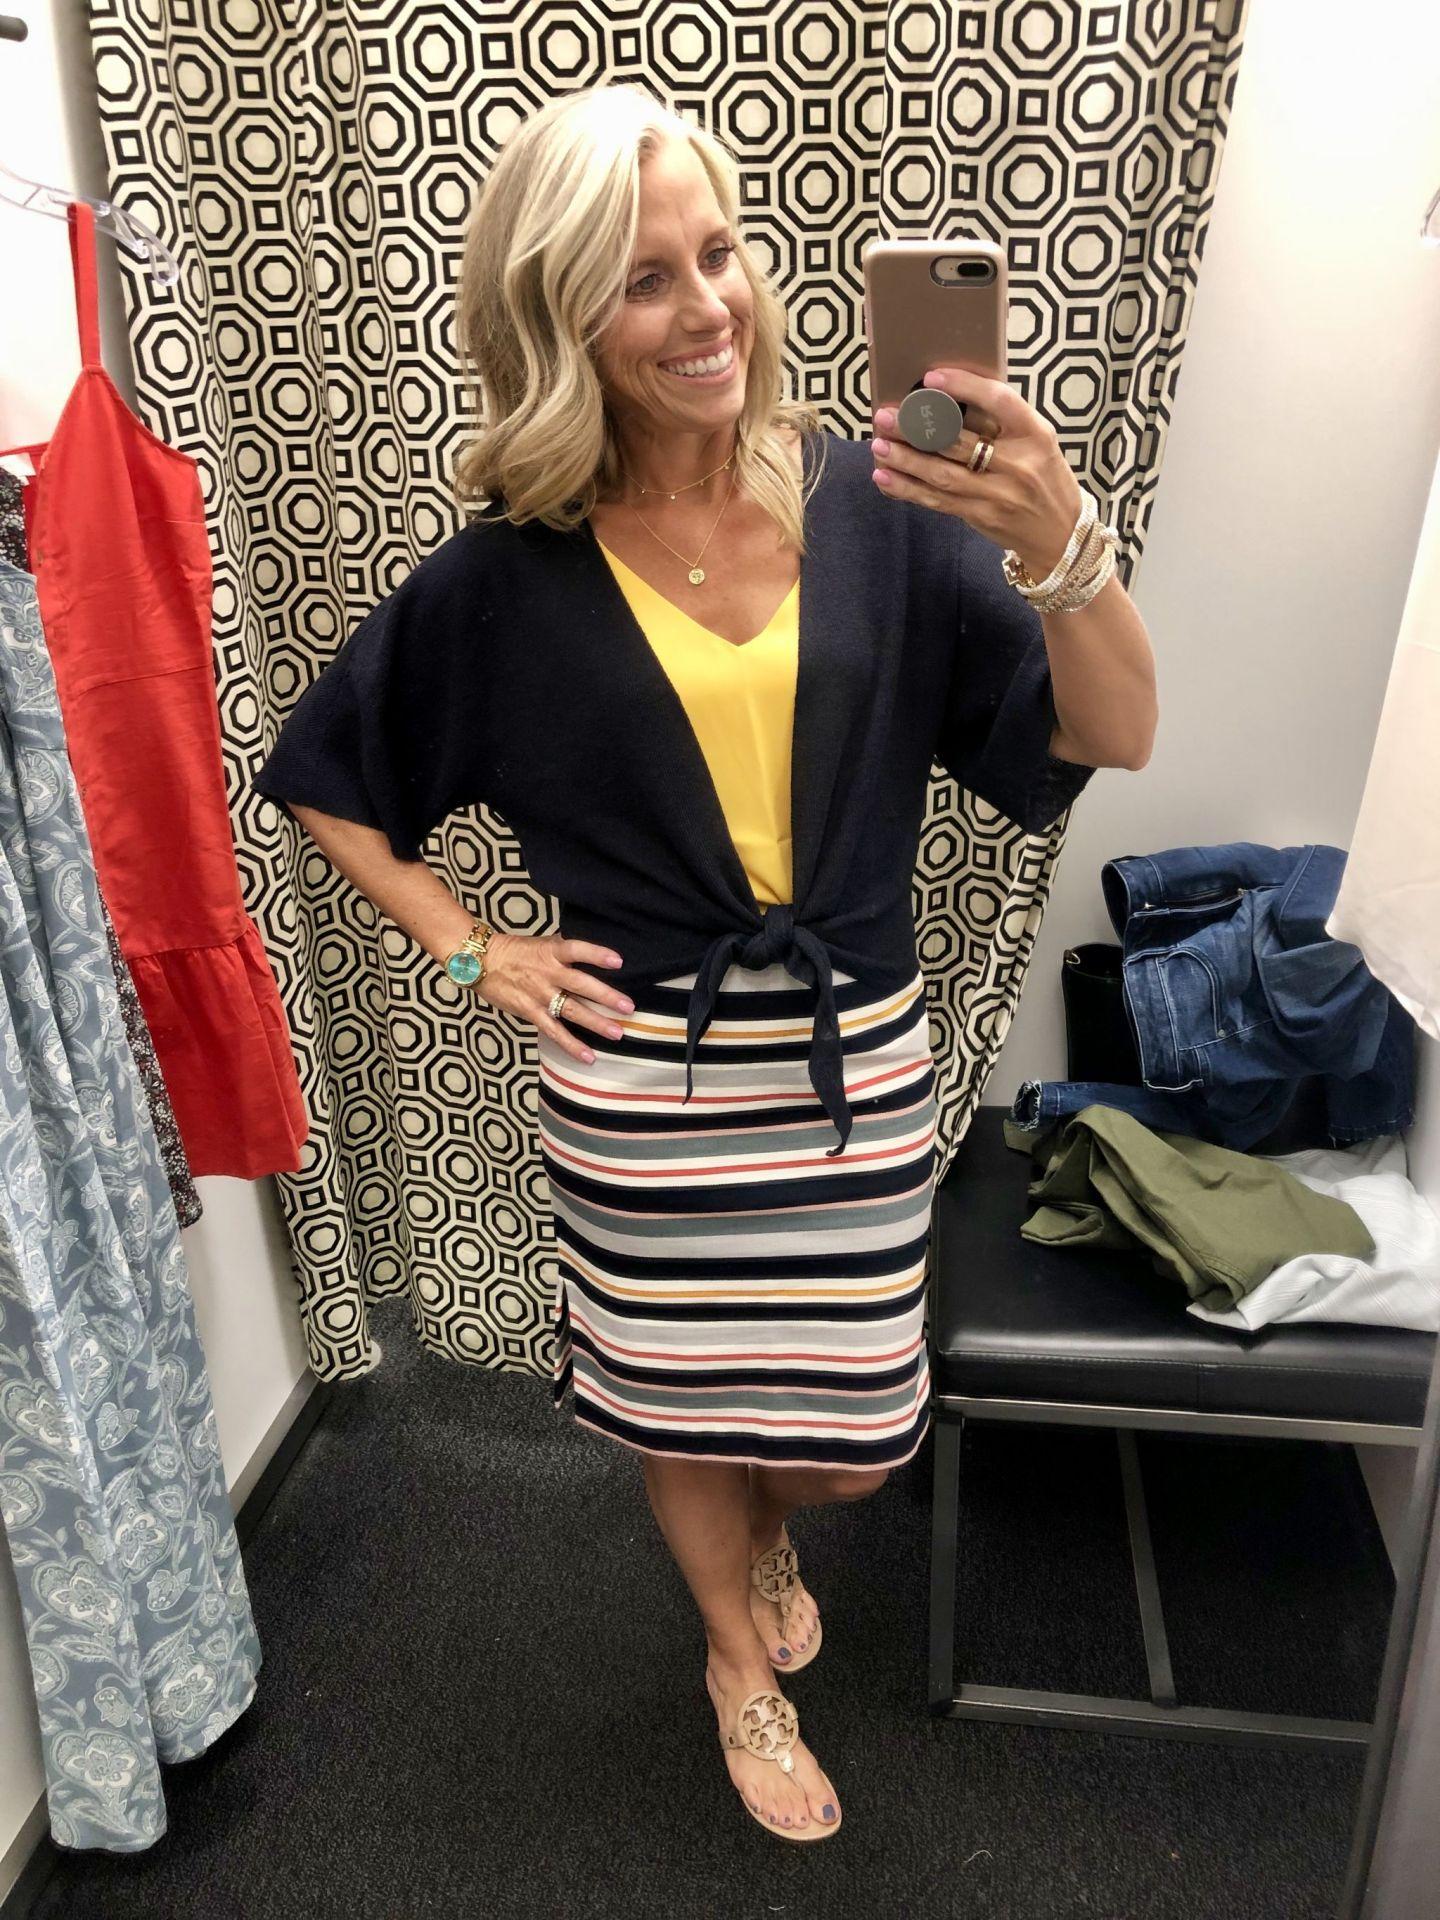 Loft Outlet Pencil Skirt